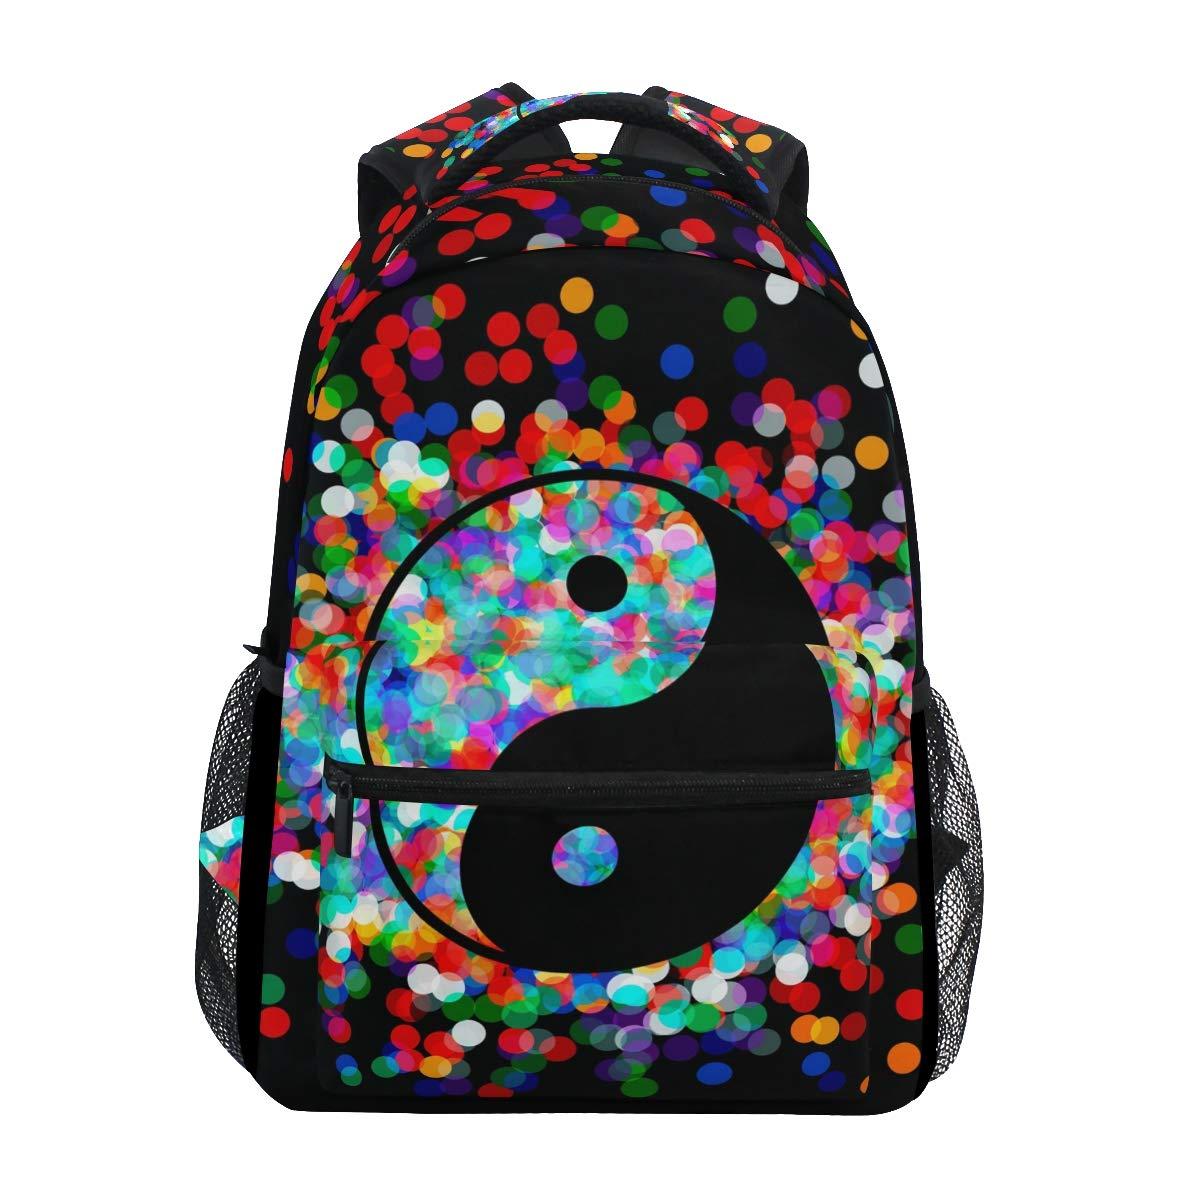 DOSHINE g15906693p203c237s337, Zainetto per bambini Unisex adulti Multicolore Multicolore 11.5''x8''x16''